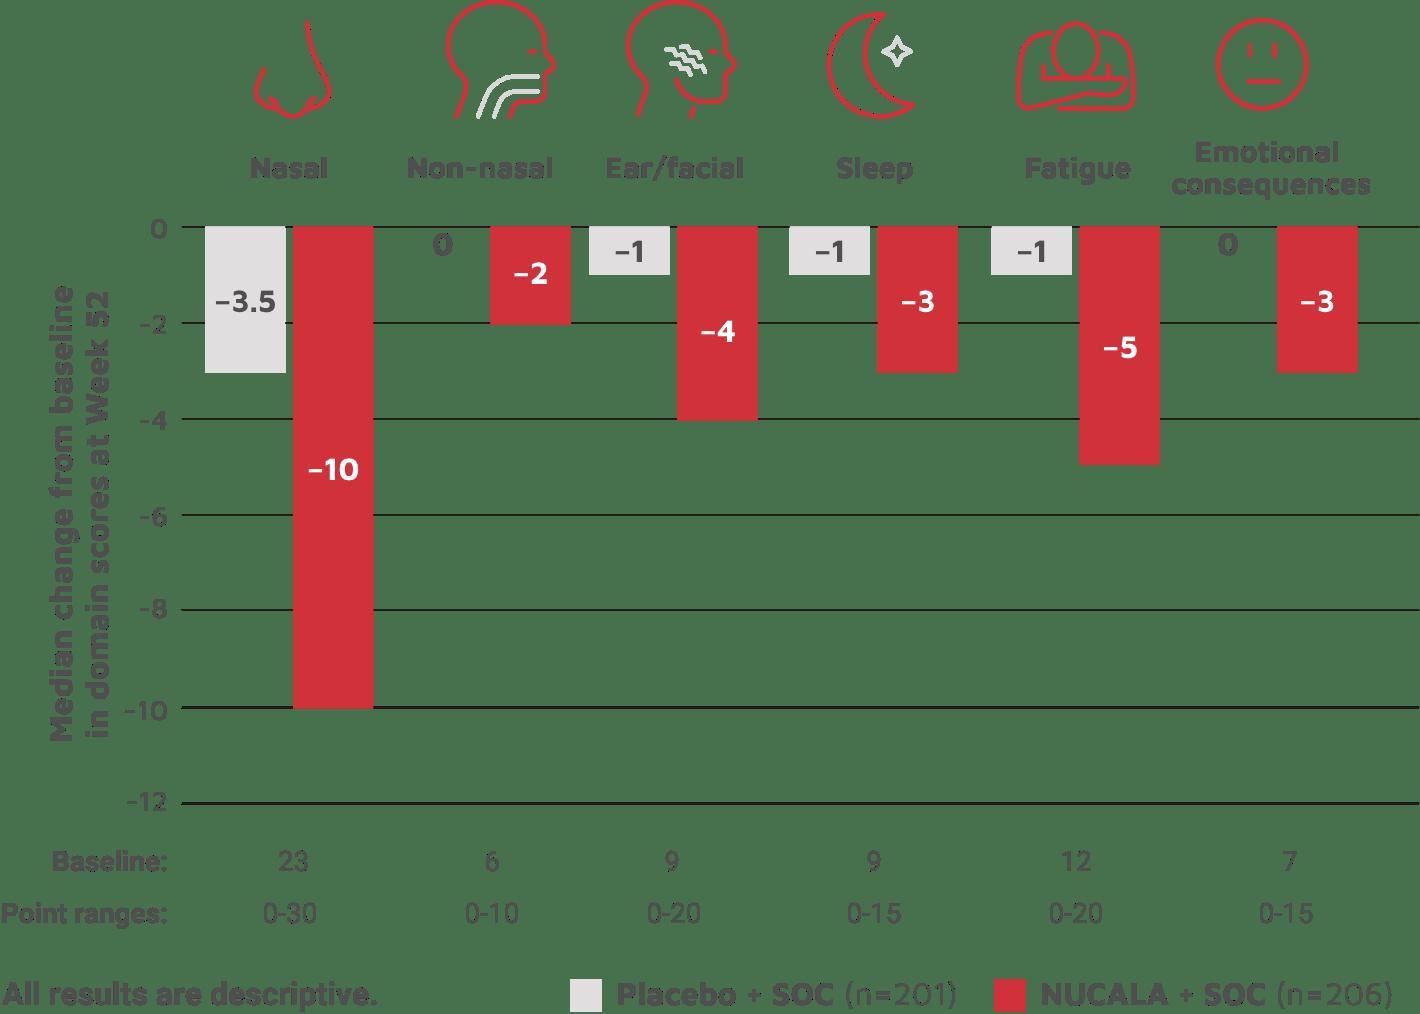 SNOT-22 symptom scores bar graph